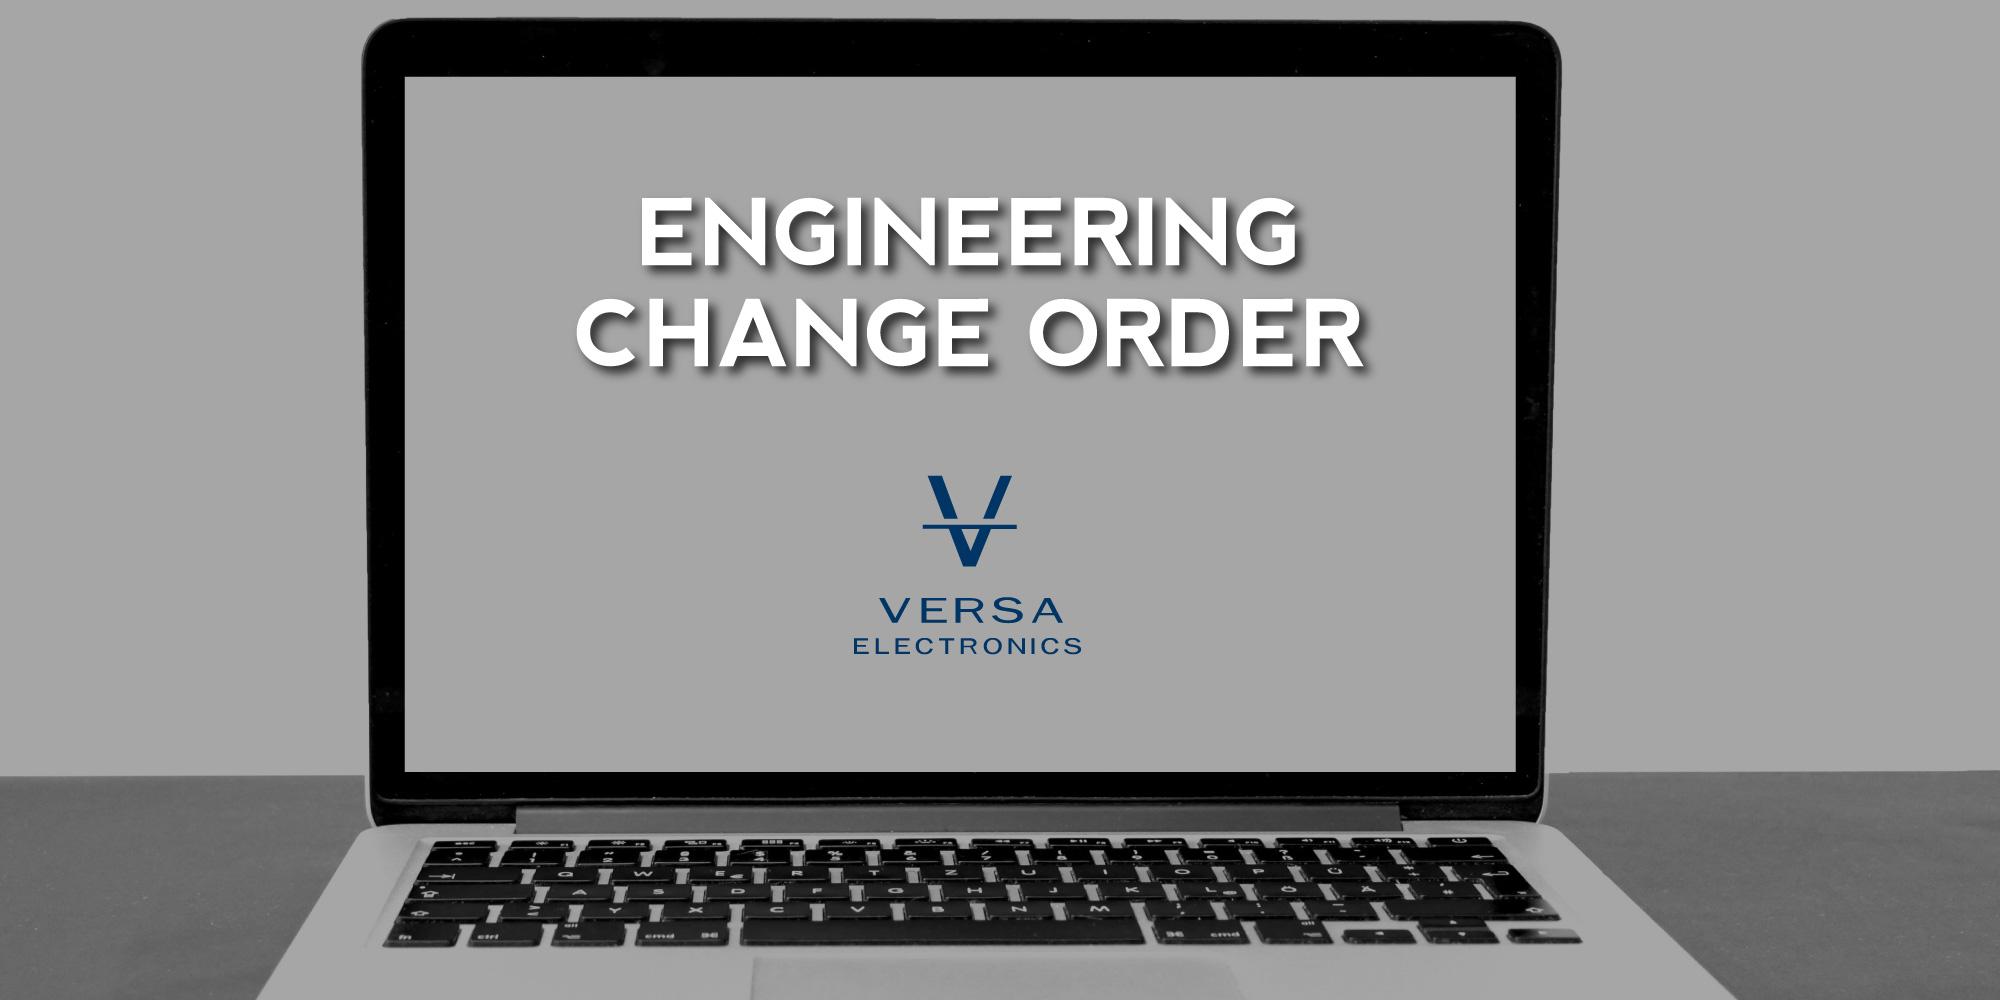 Engineering Change Order